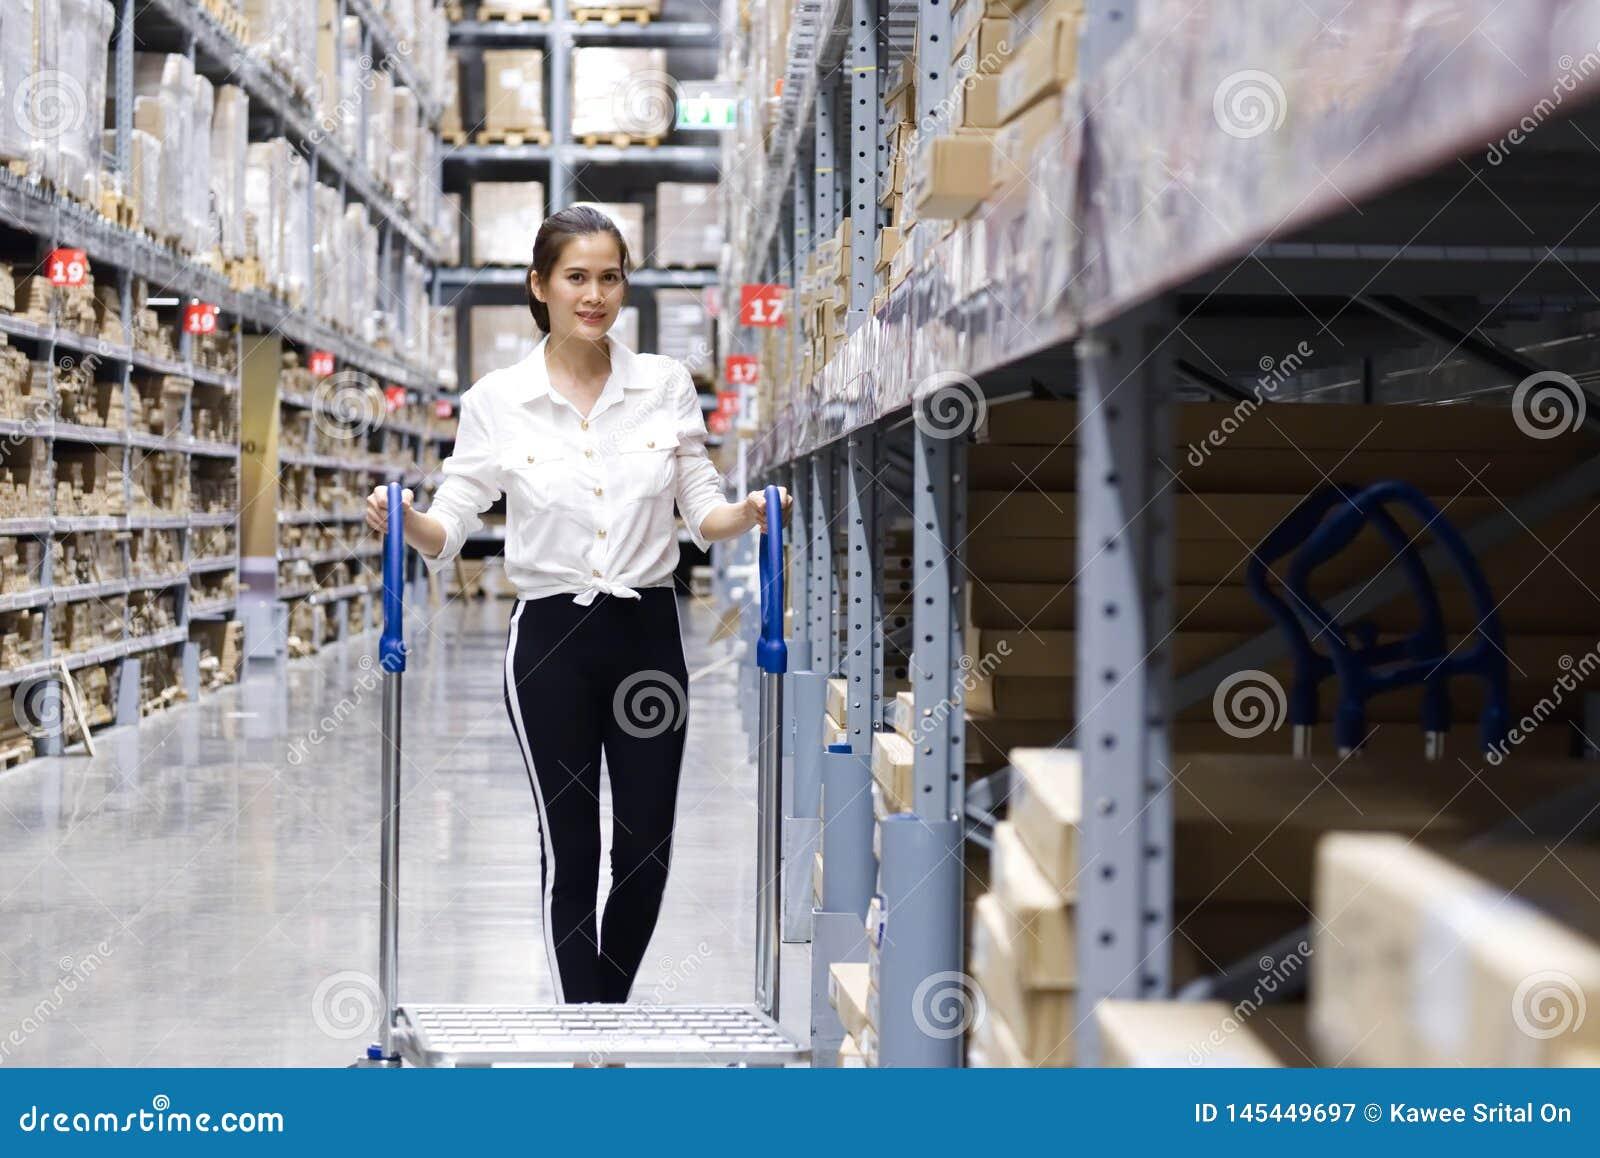 Aziatische mooie klant die producten zoeken in opslagpakhuis Het meisje die de kar duwen en vindt de goederen om het in de kar te